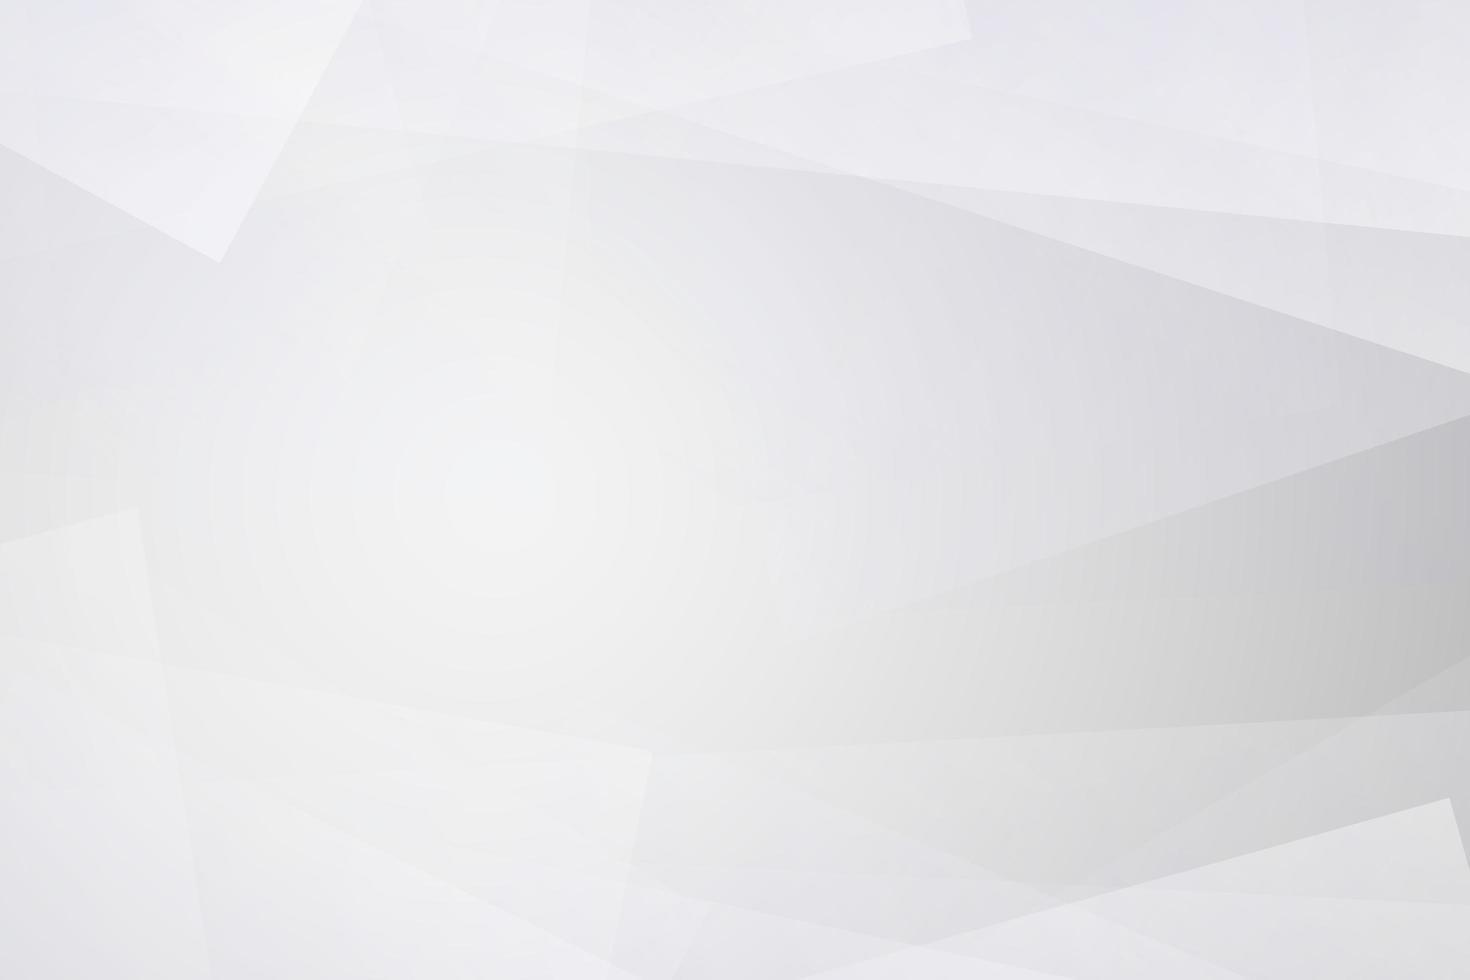 astratto semplice bianco grigio vettore